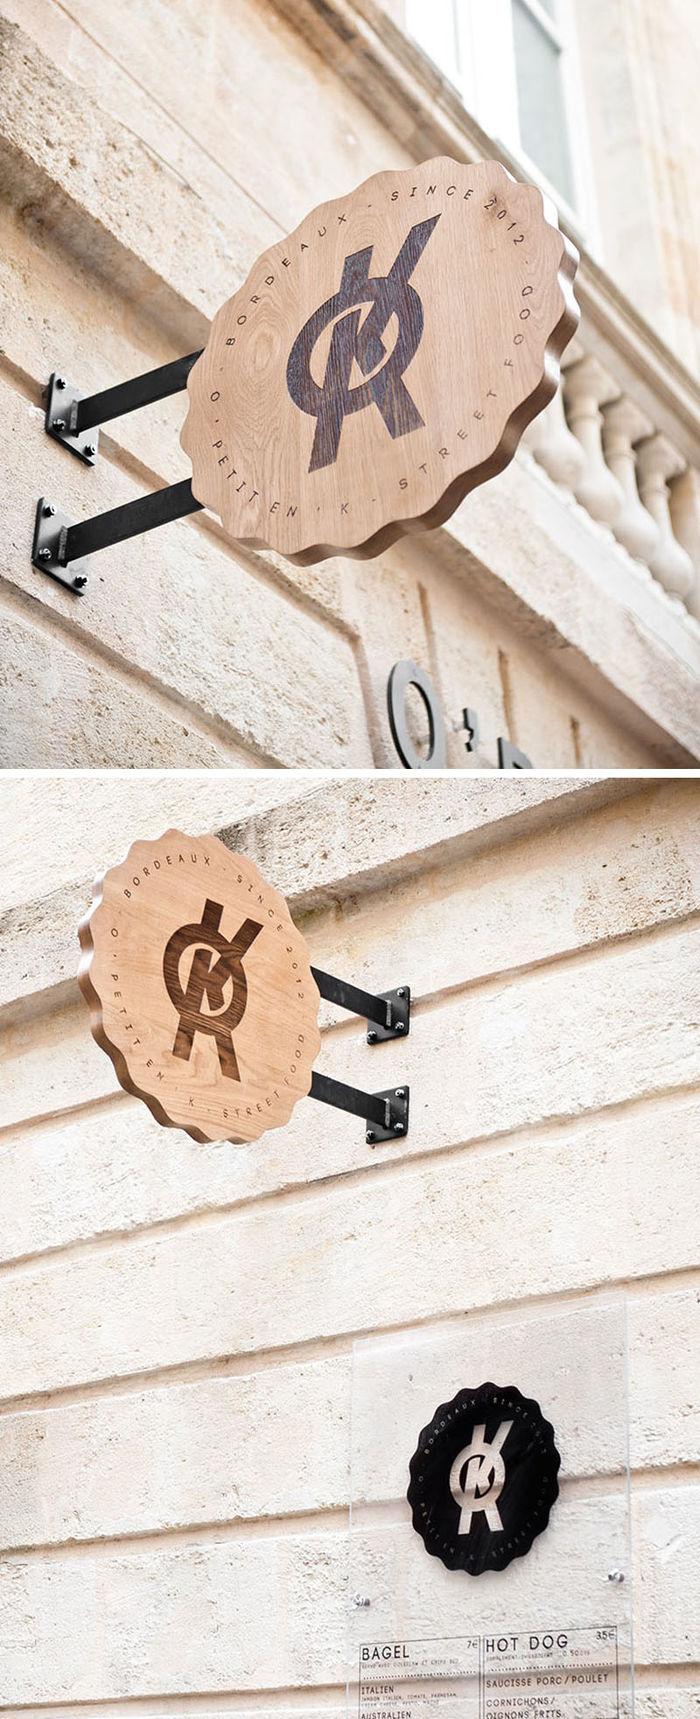 Hekla разработал бренд для O'Petit en'K. Фото: Julian Fernandez.